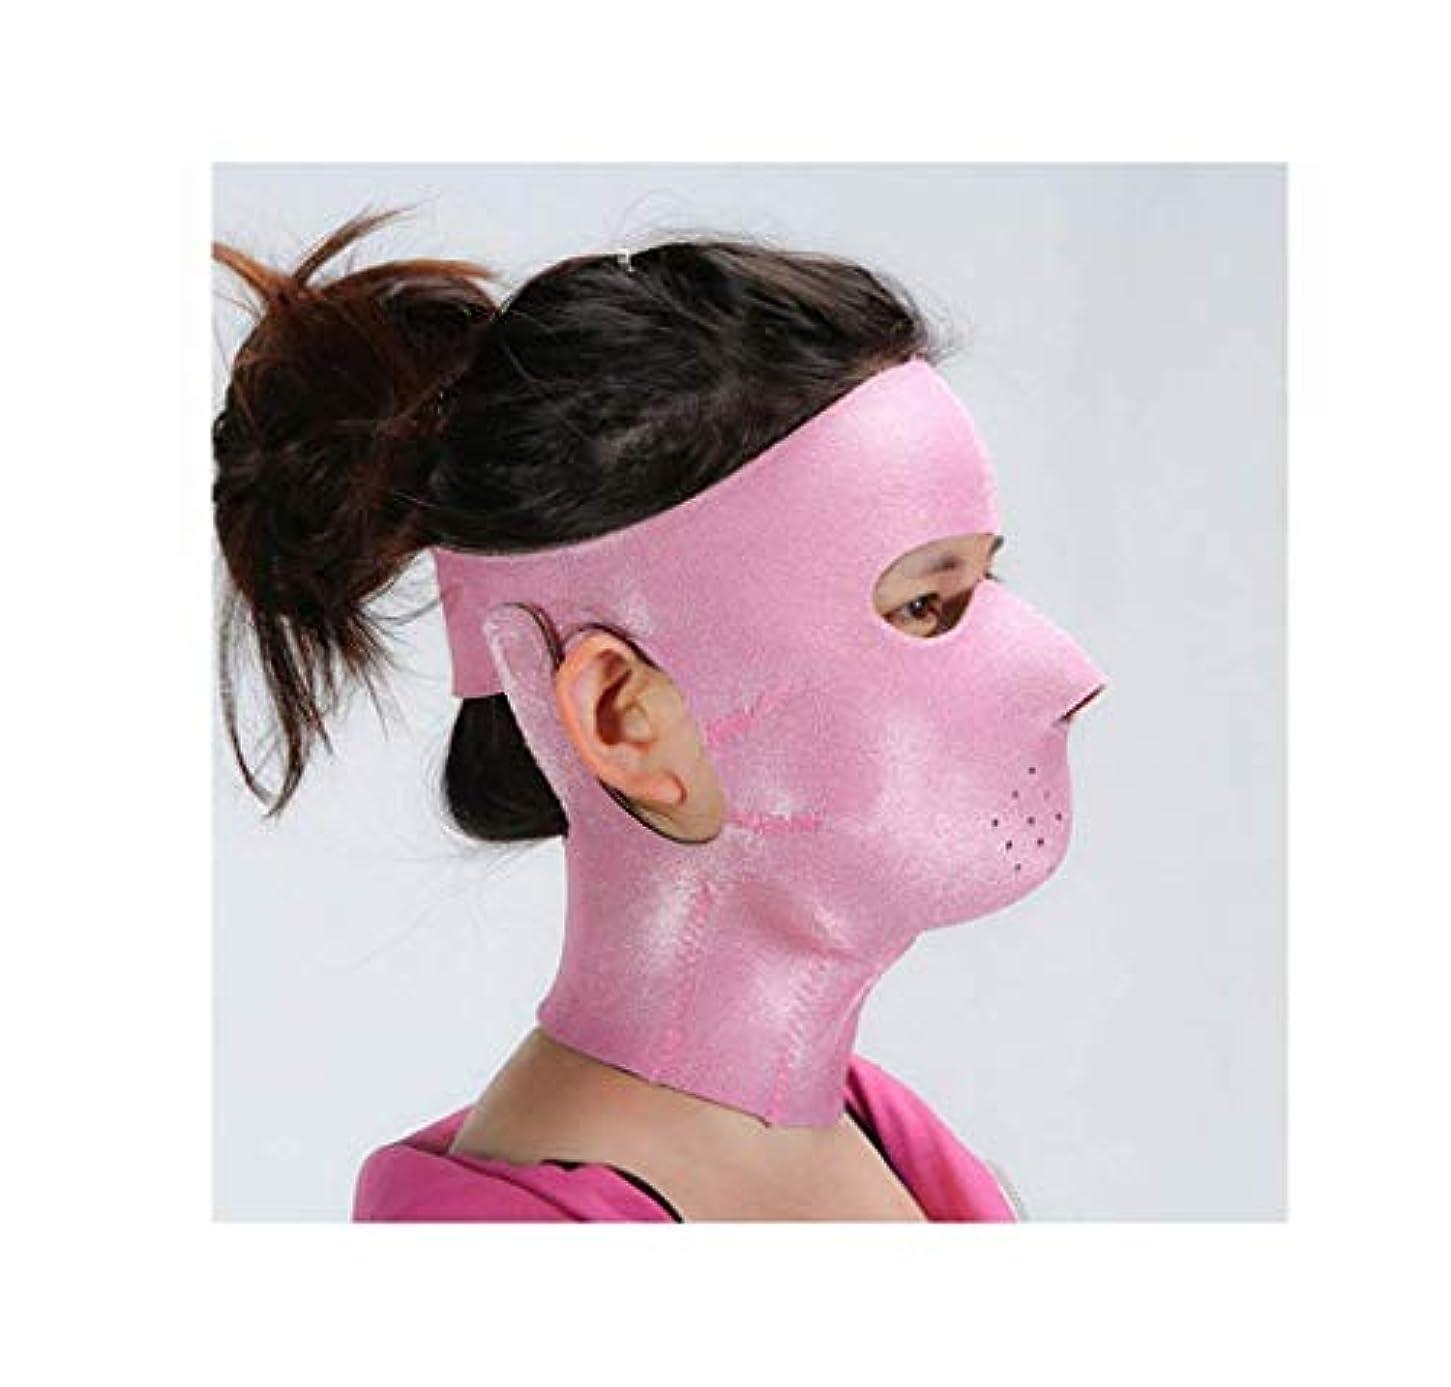 馬力砂パドルフェイスリフトマスク、フェイシャルマスクプラス薄いフェイスマスクタイトなたるみの薄いフェイスマスクフェイシャル薄いフェイスマスクアーティファクトビューティーネックストラップ付き